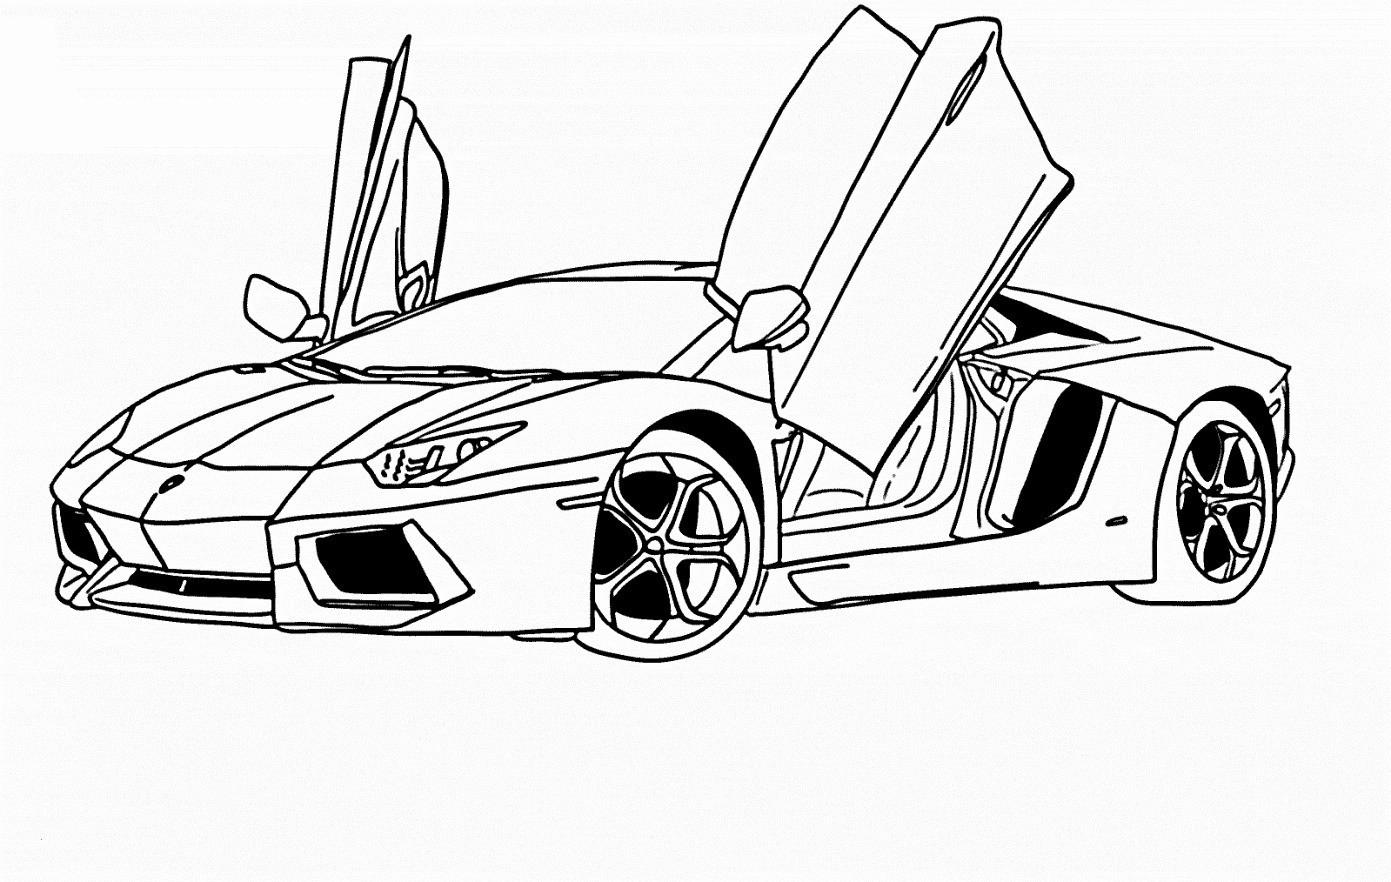 Ausmalbilder Autos Porsche Frisch Ausmalbilder Auto Lamborghini Best 25 Liebenswert Ausmalbilder Stock